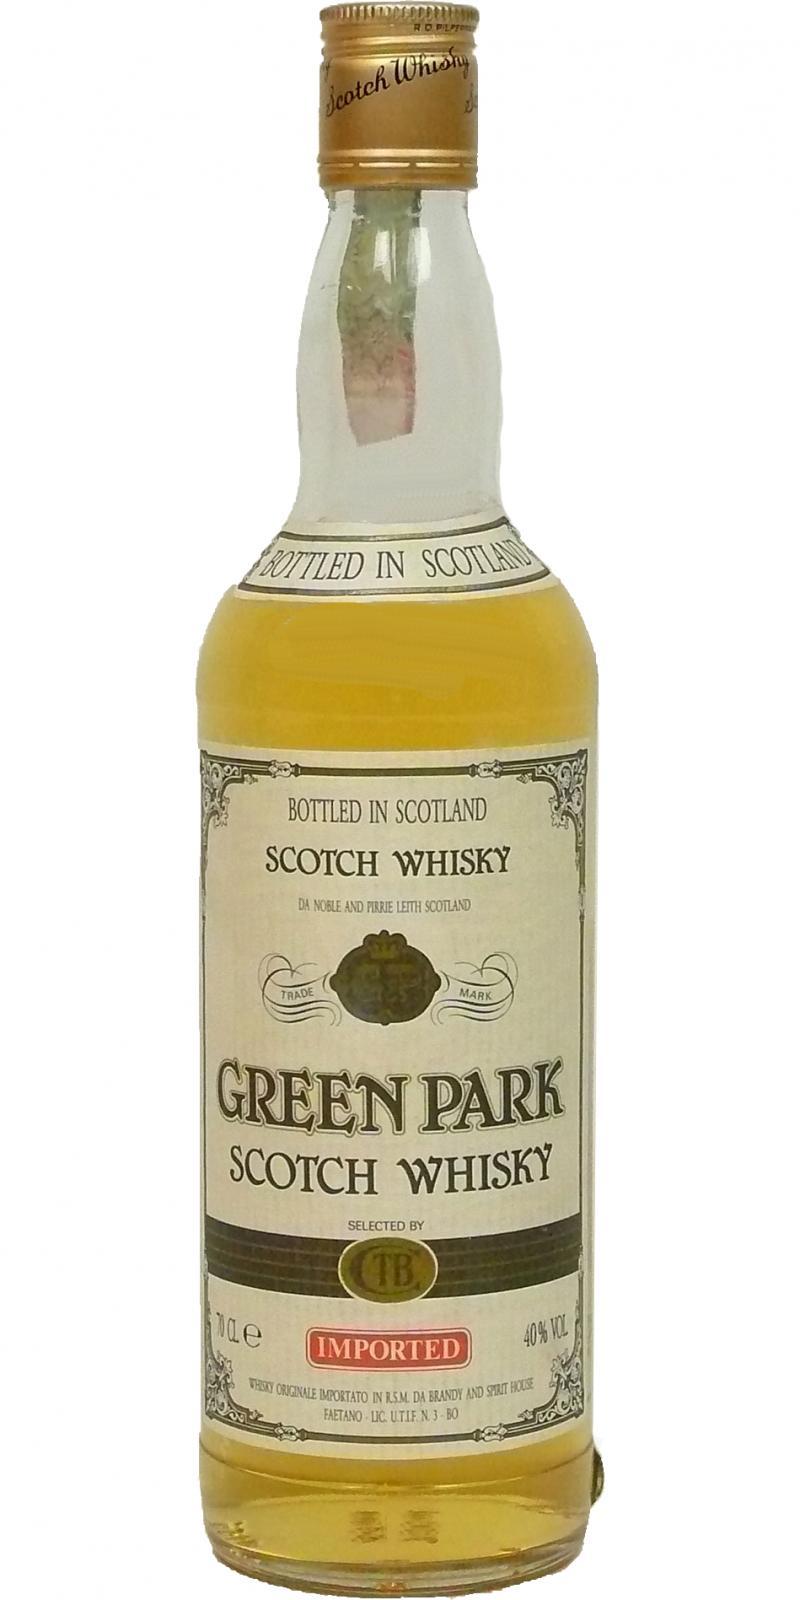 Green Park Scotch Whisky